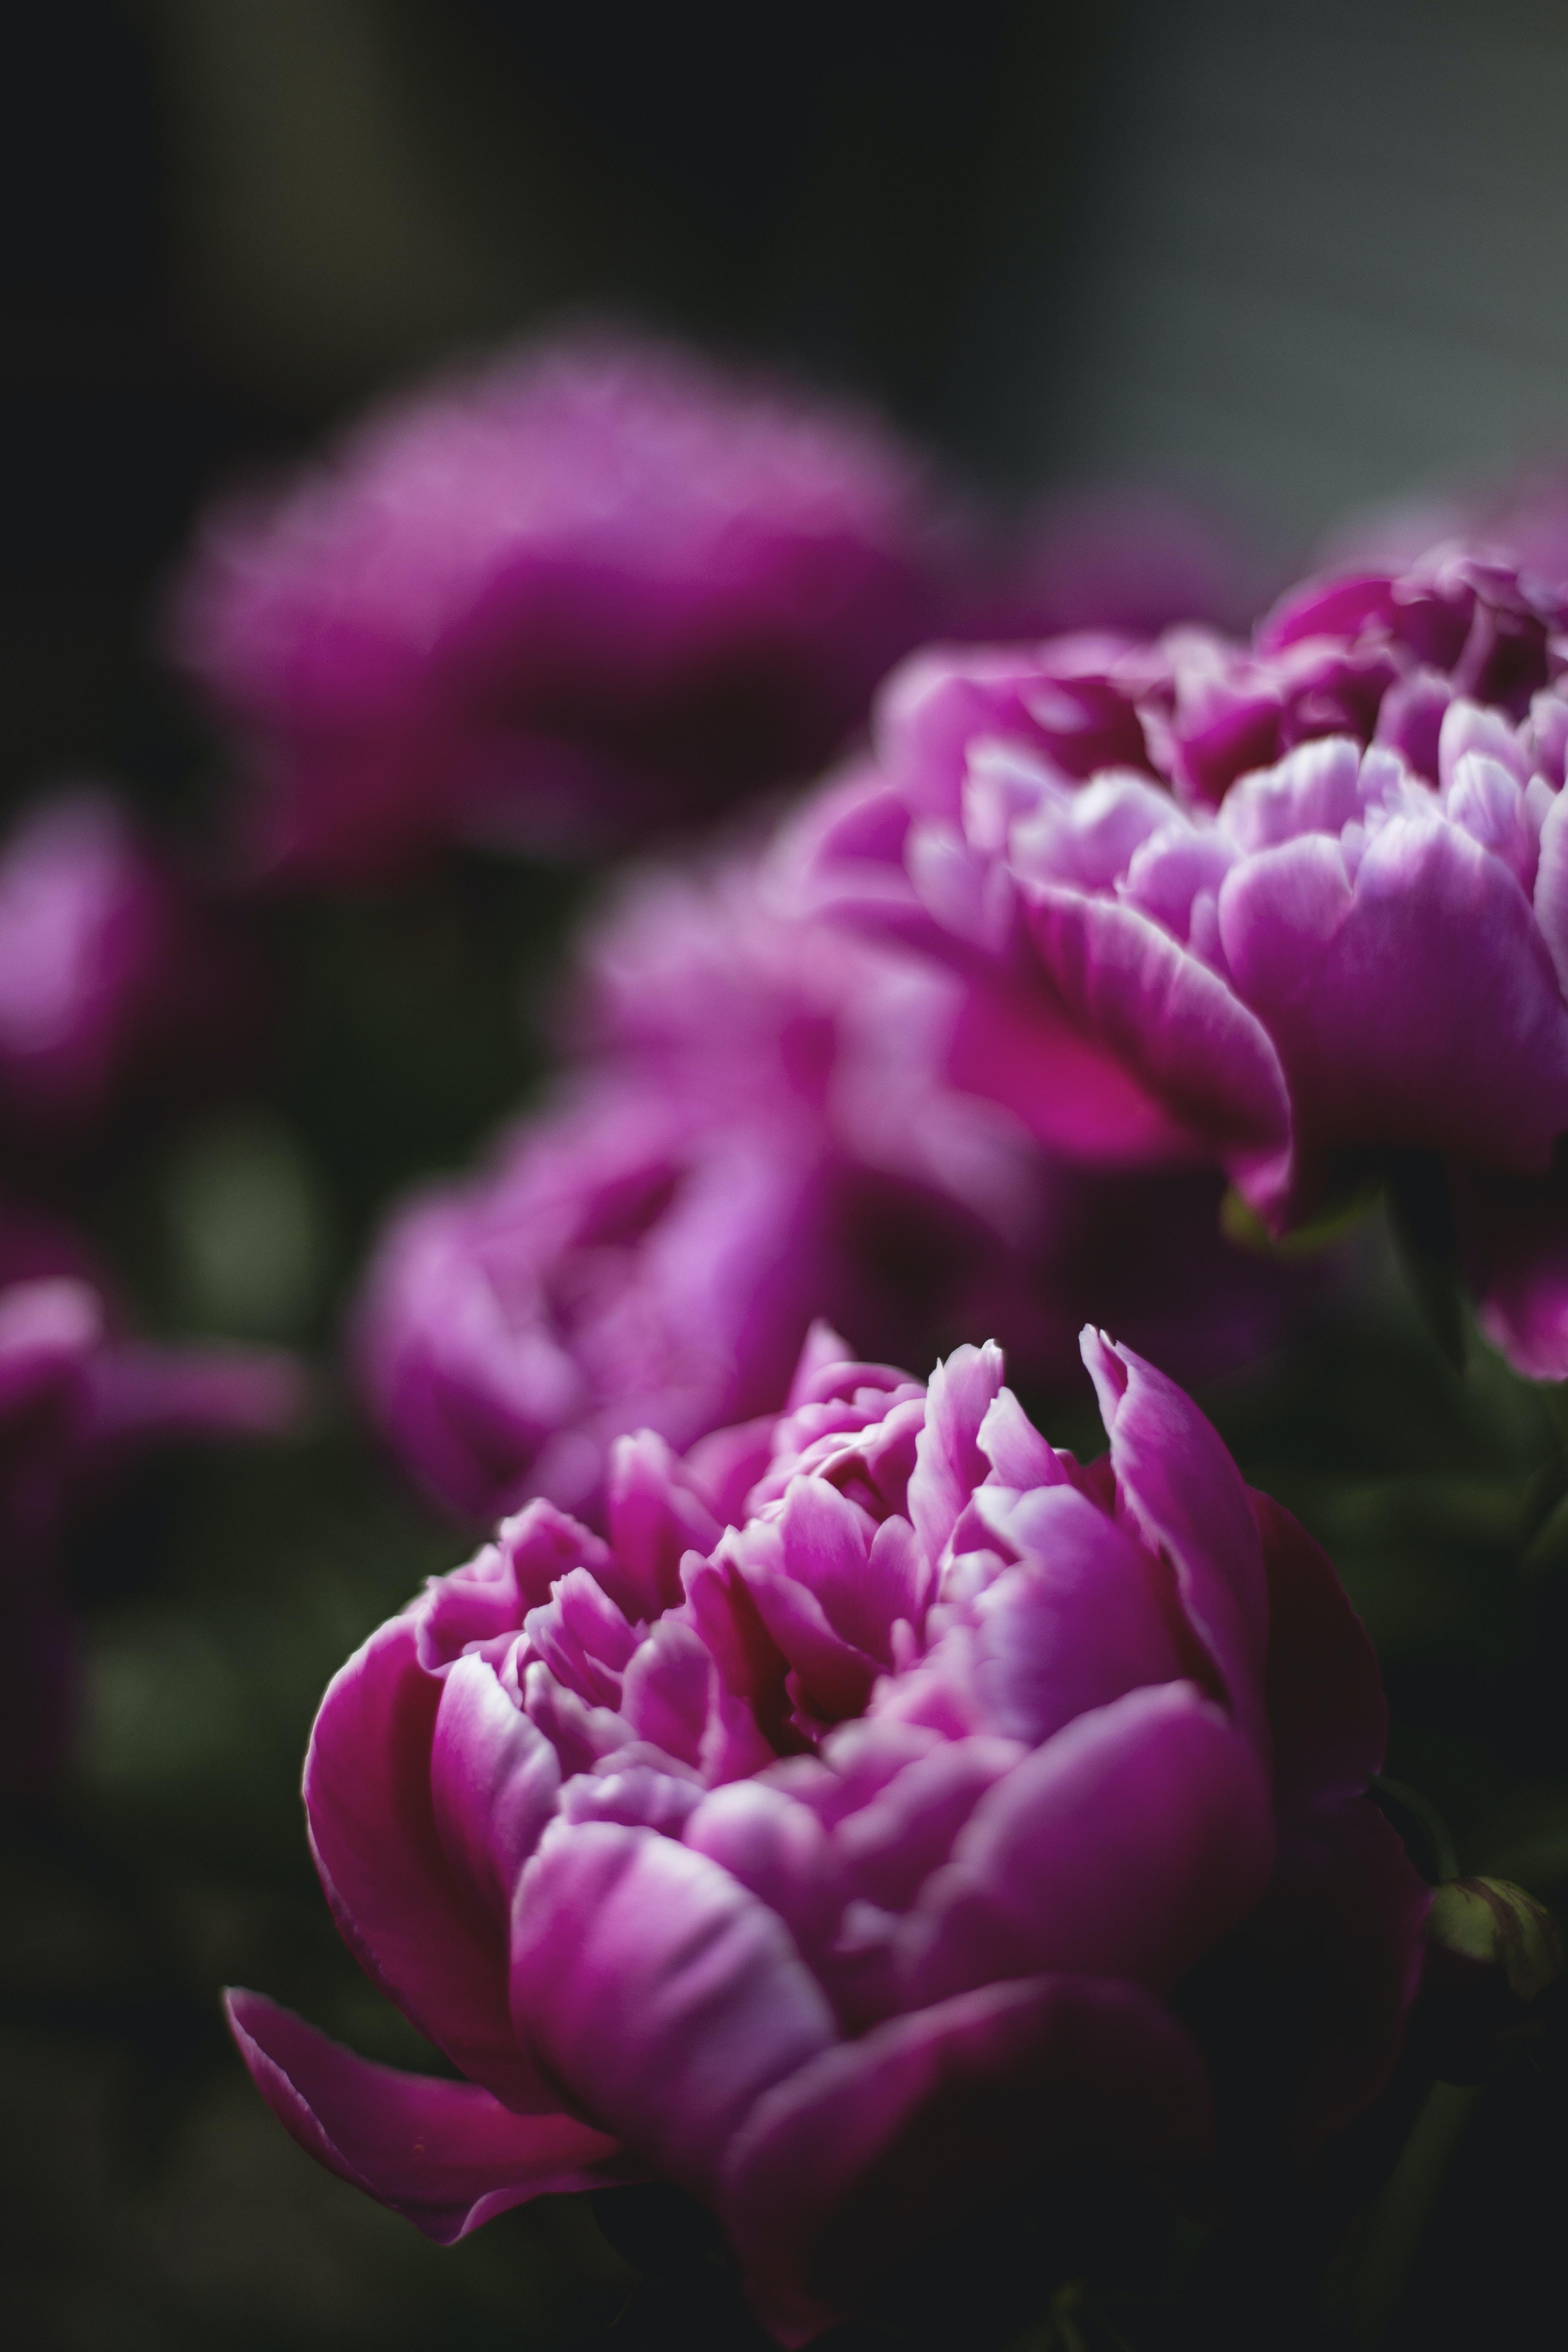 pink peony closeup photography